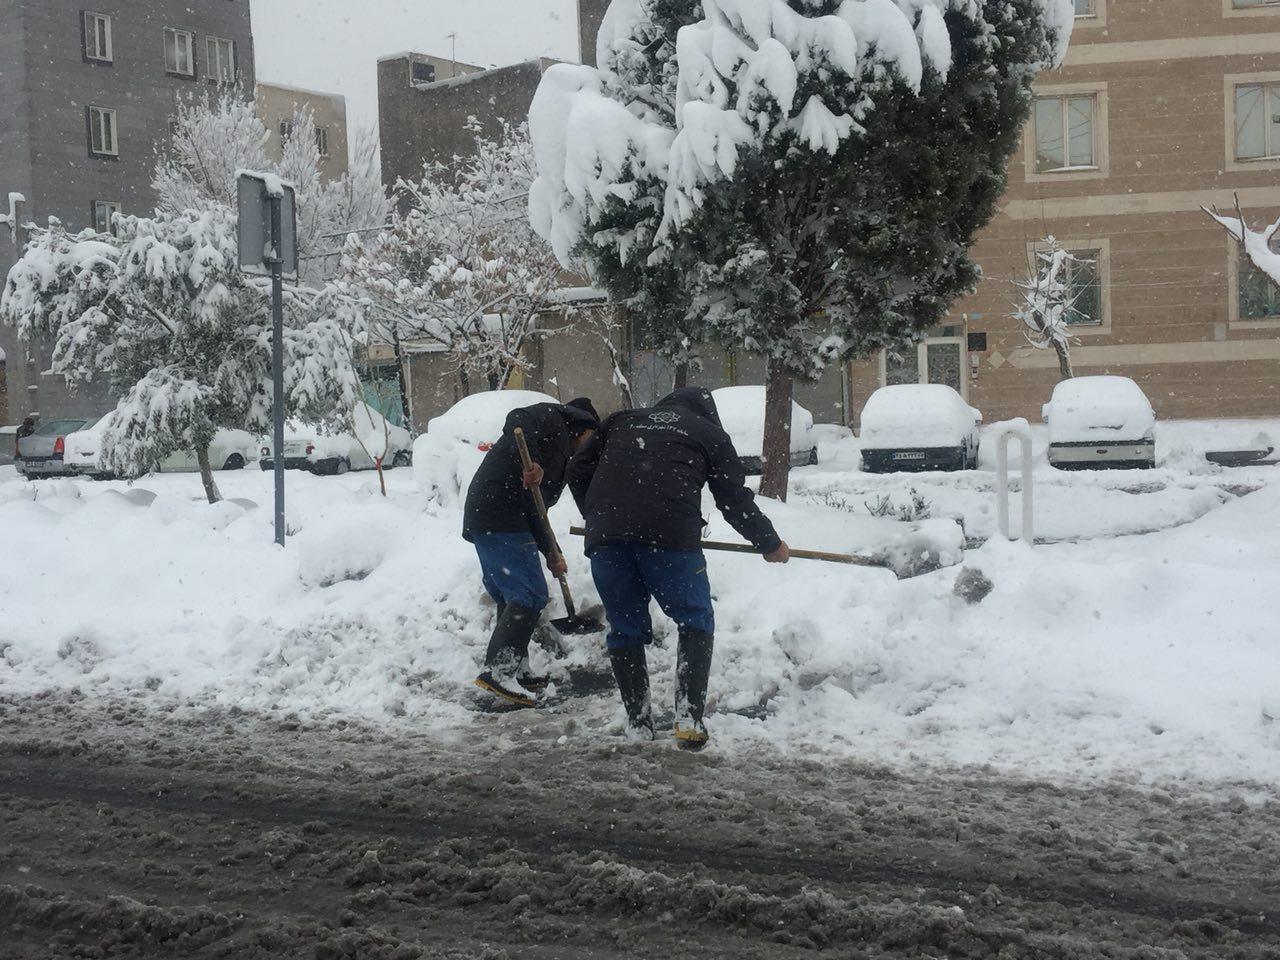 تداوم عملیات برف روبی در جنوب تهران / برف تکانی درختان منطقه 20 ادامه دارد